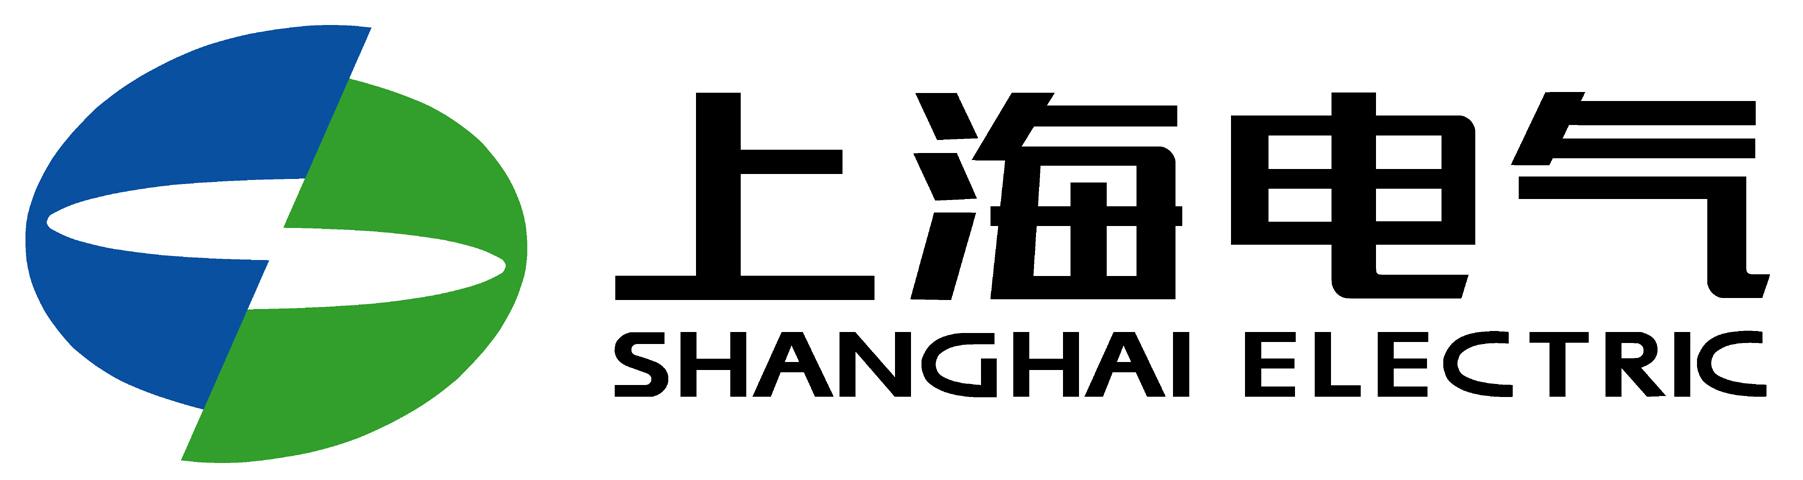 logo 标识 标志 设计 矢量 矢量图 素材 图标 1803_480